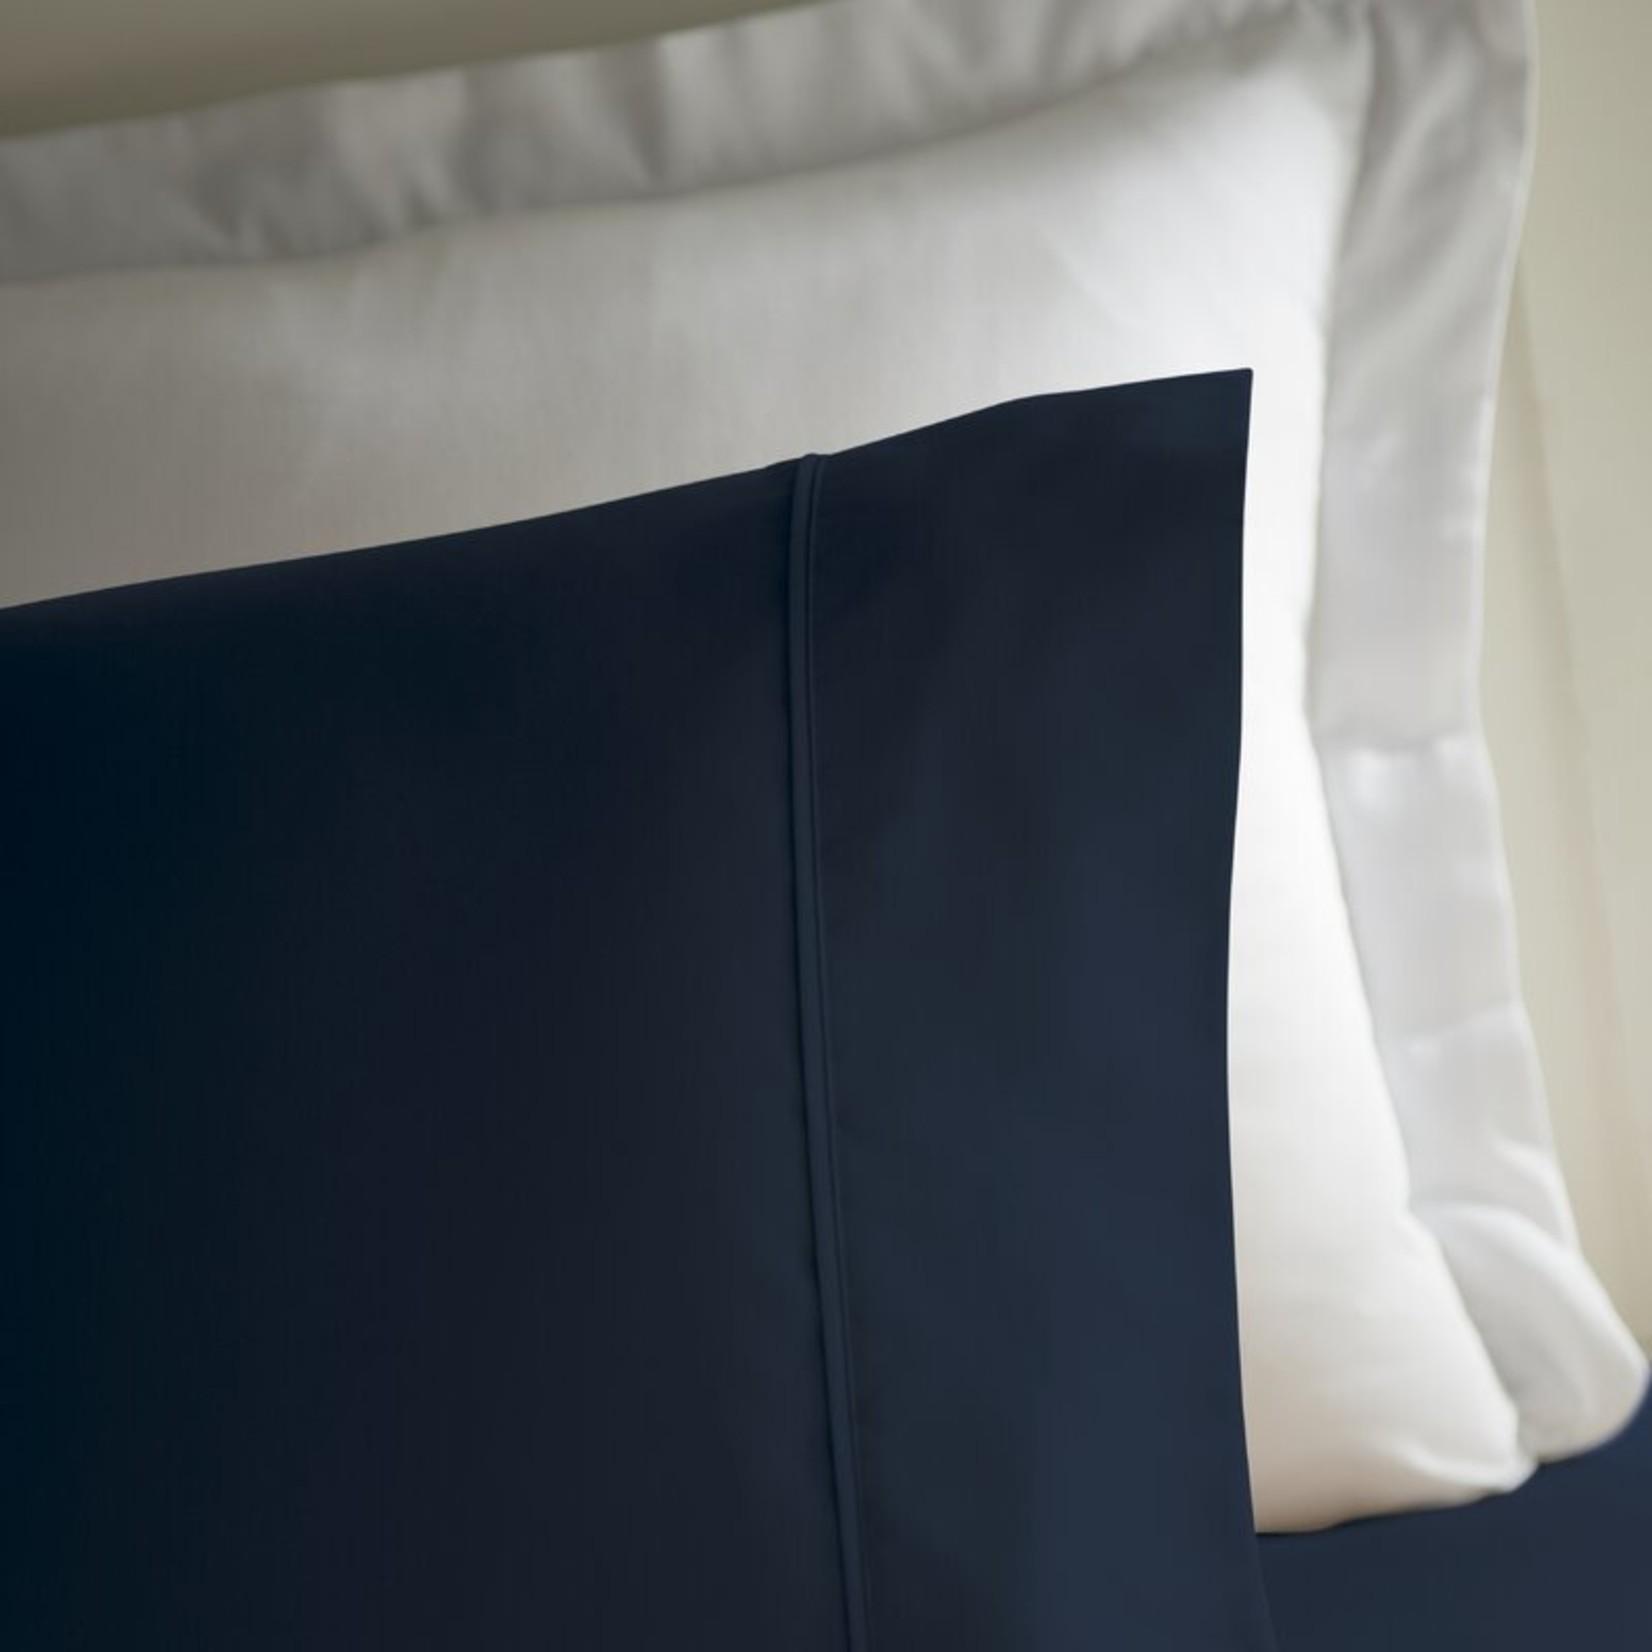 *Twin XL - Navy - Wayfair Basics 1800 Series 3 Piece Sheet Set - Final Sale